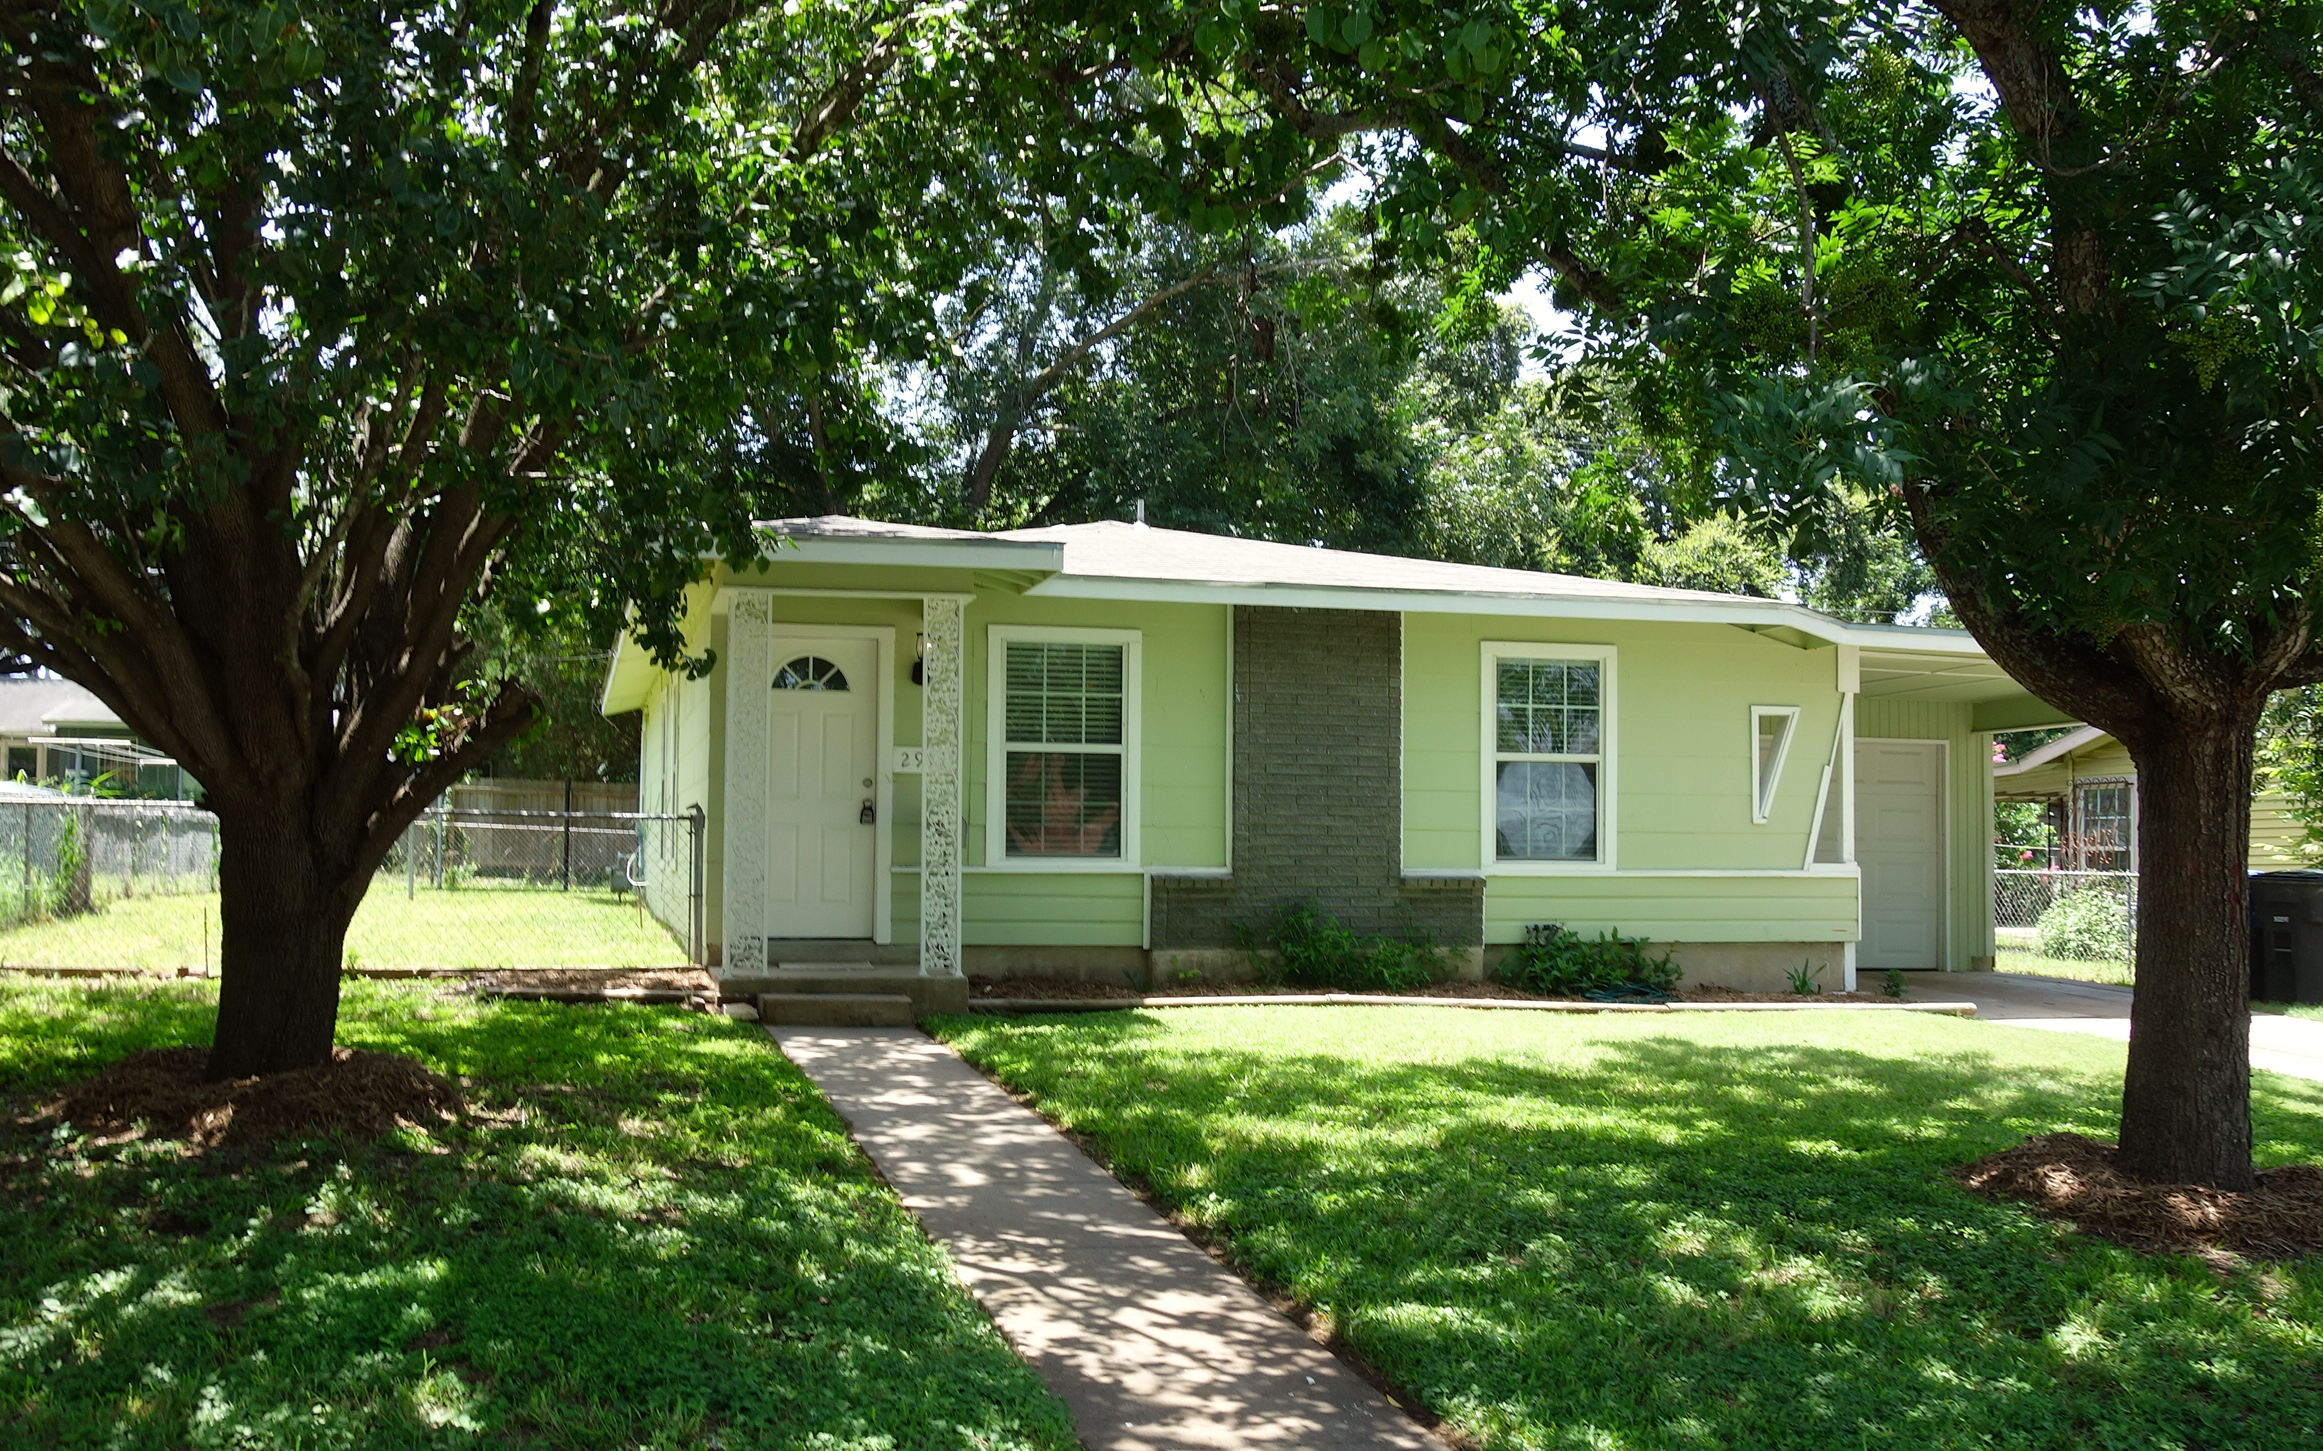 2918 Jasper St., San Antonio, Texas 78223